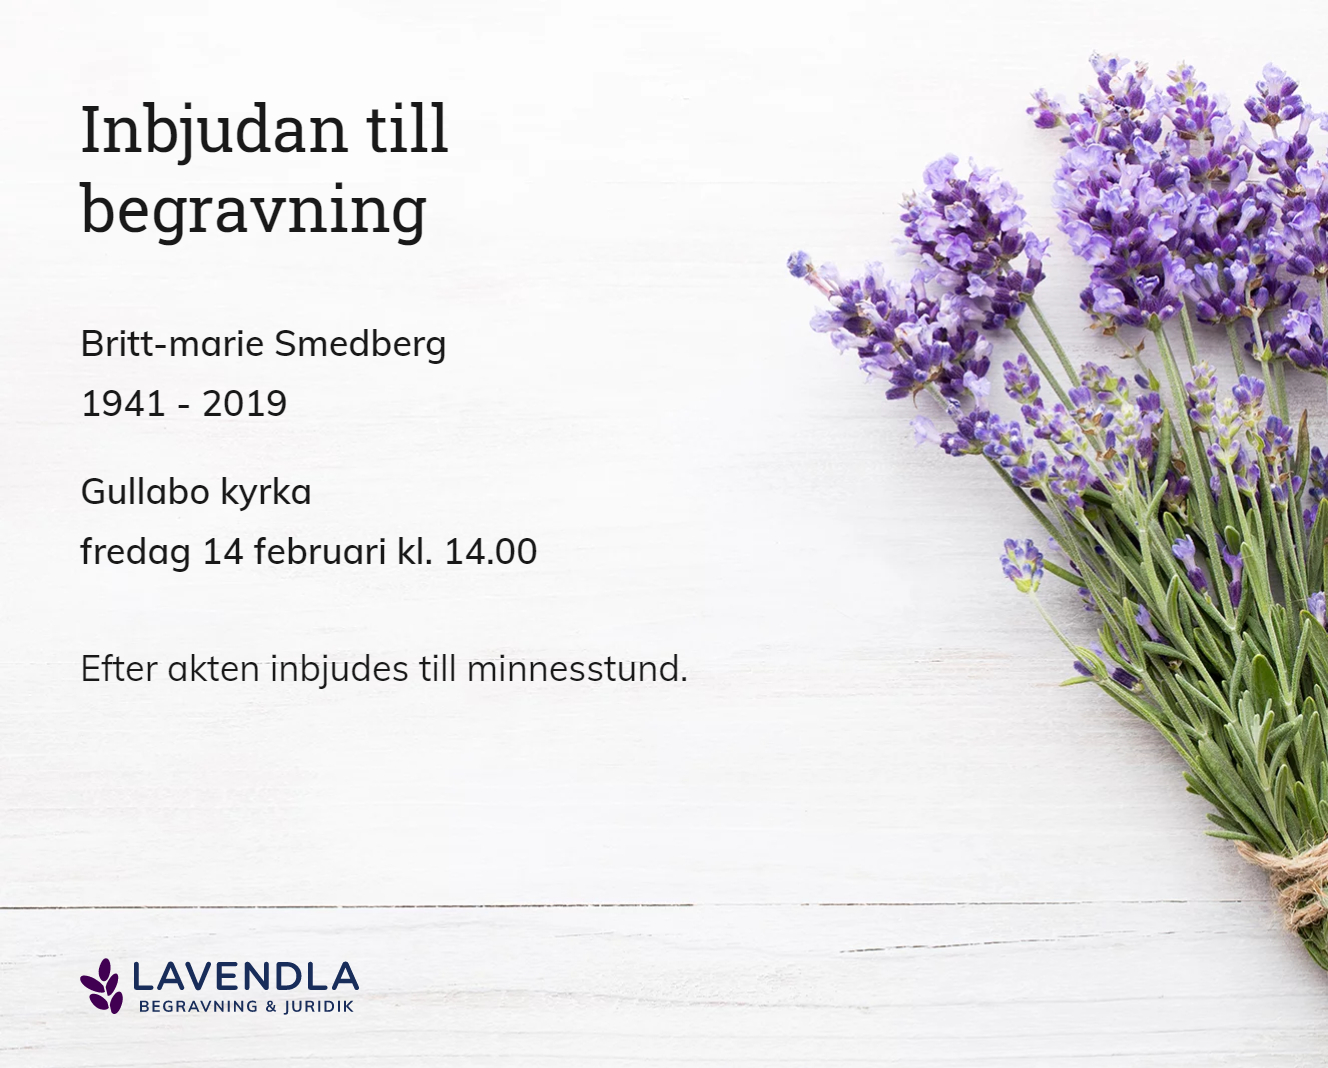 Inbjudningskort till ceremonin för Britt-marie Smedberg